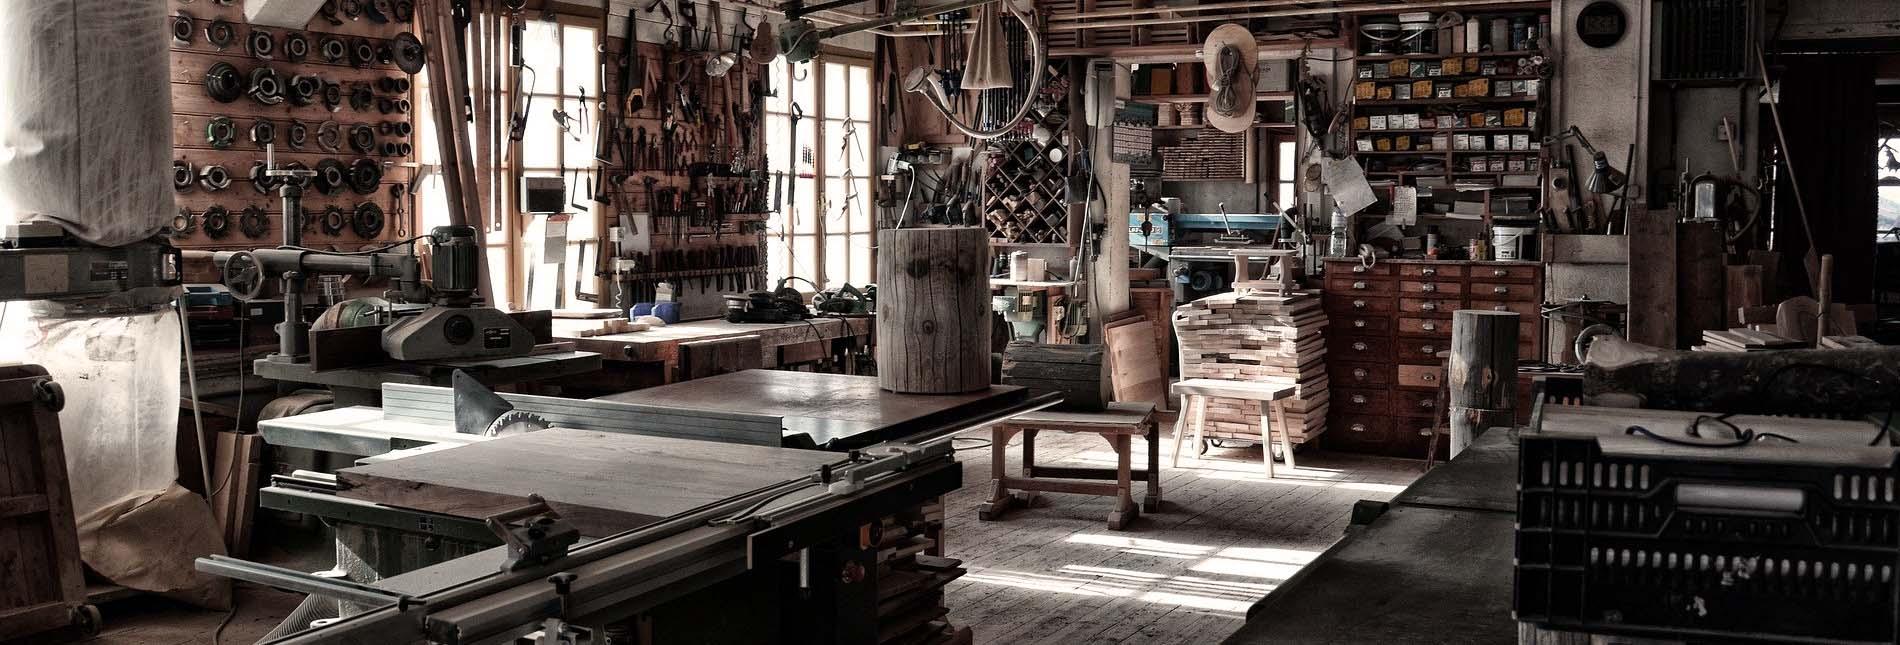 Werkstatt Einrichten So Geht S Professionell Und Gunstig